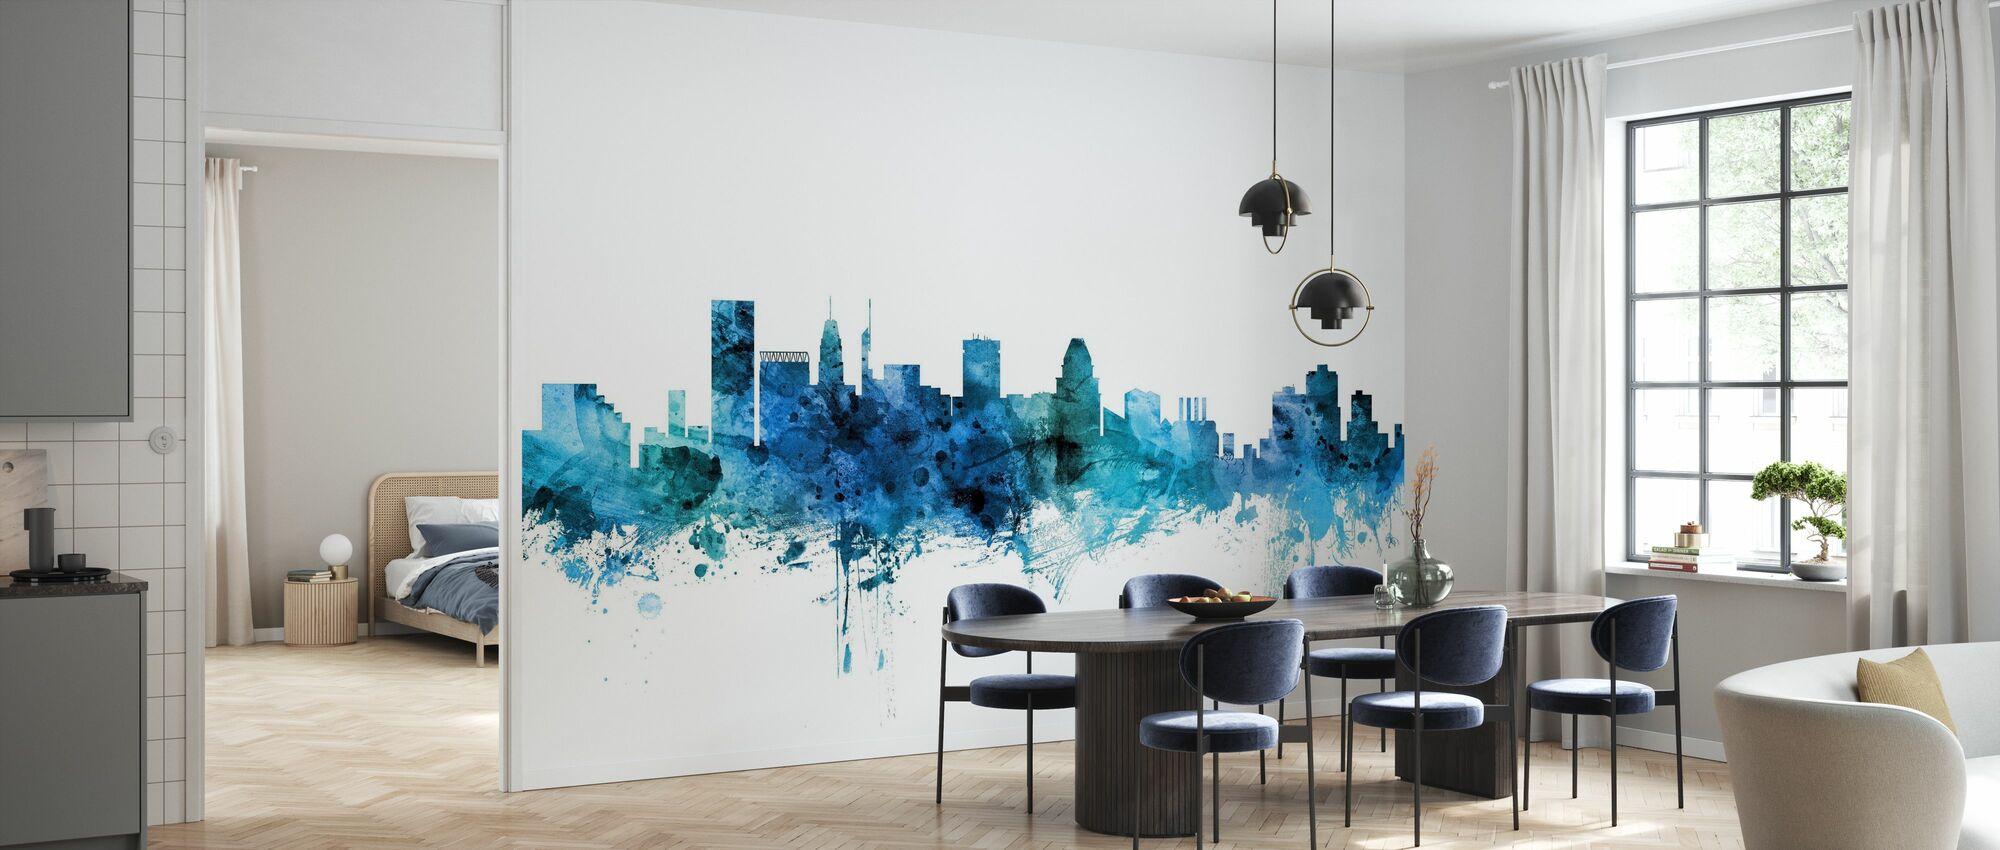 Baltimore Maryland Skyline - Wallpaper - Kitchen